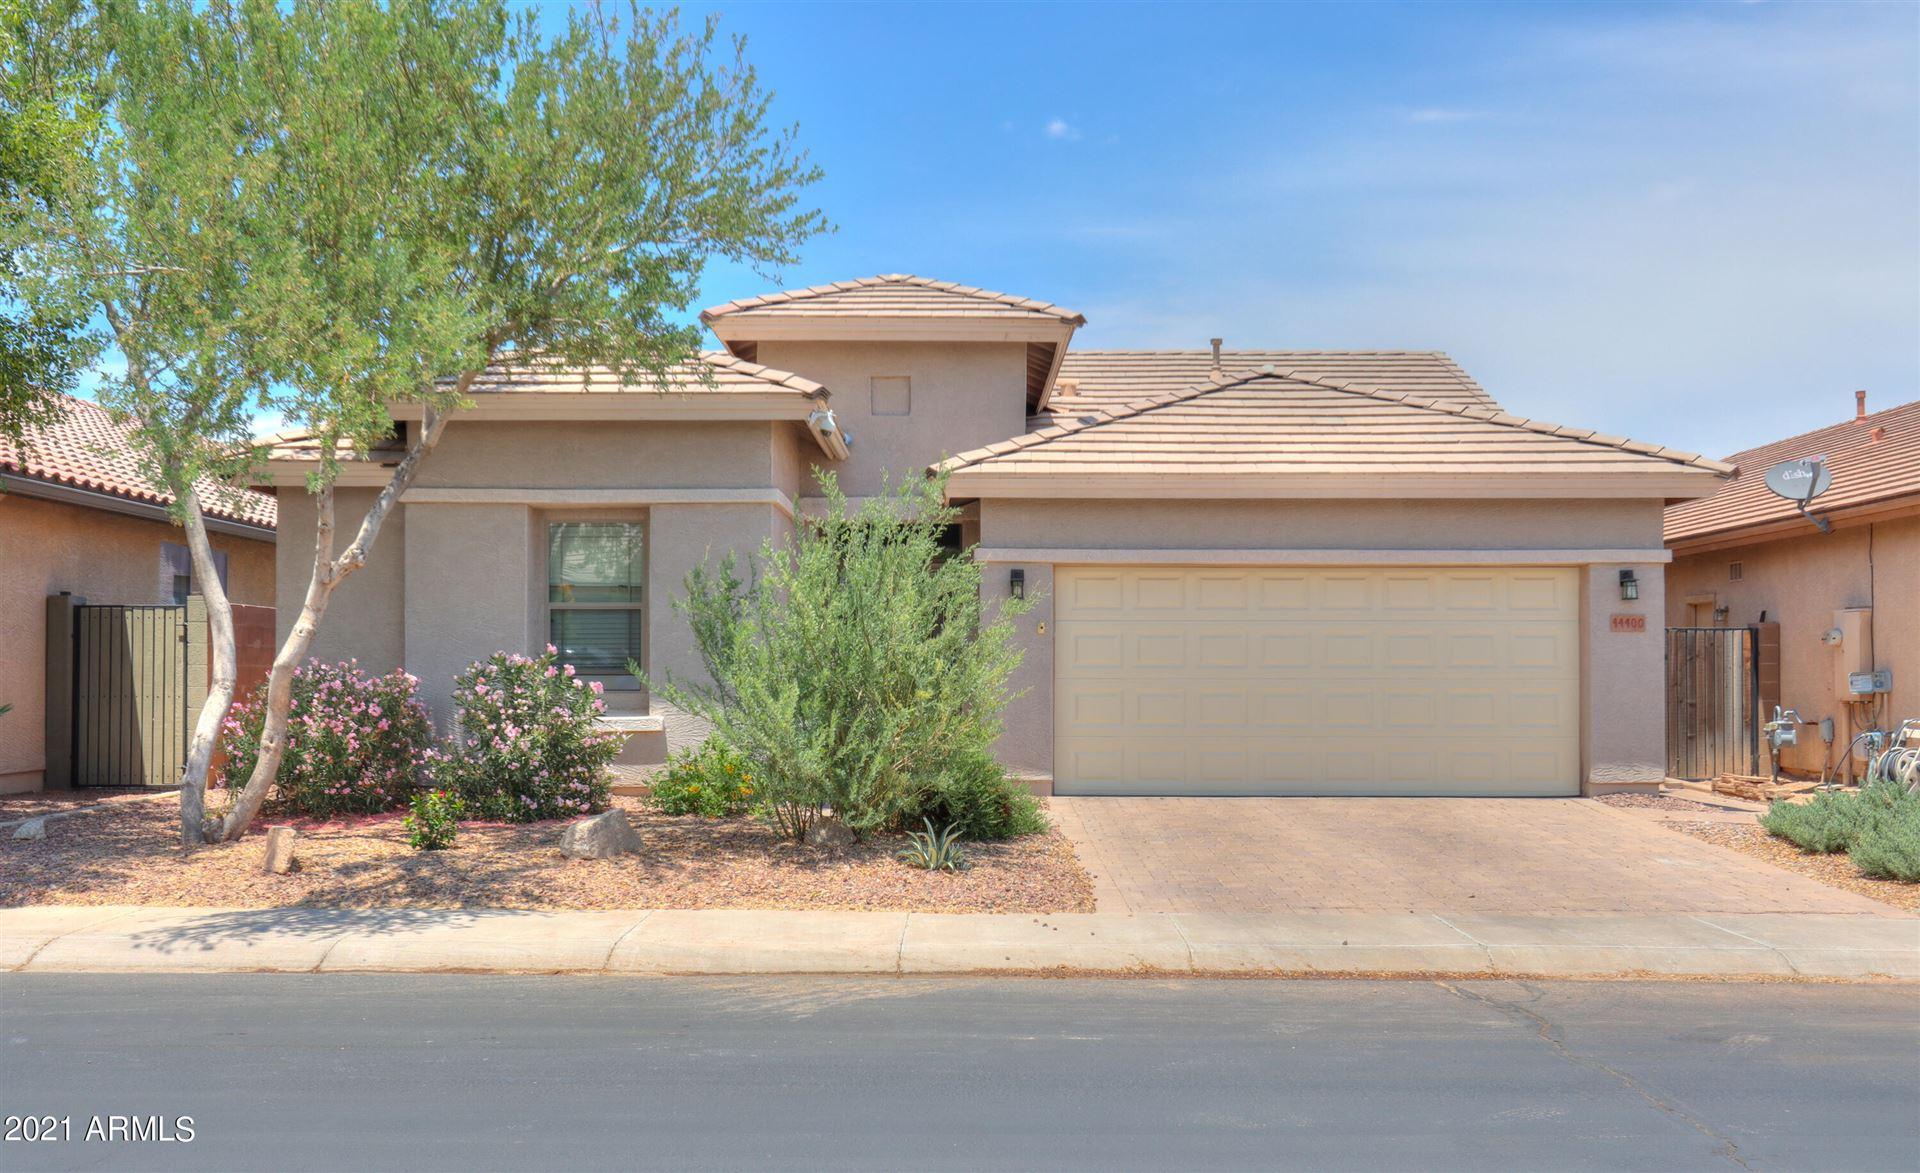 Photo of 44400 W EDDIE Way, Maricopa, AZ 85138 (MLS # 6247025)